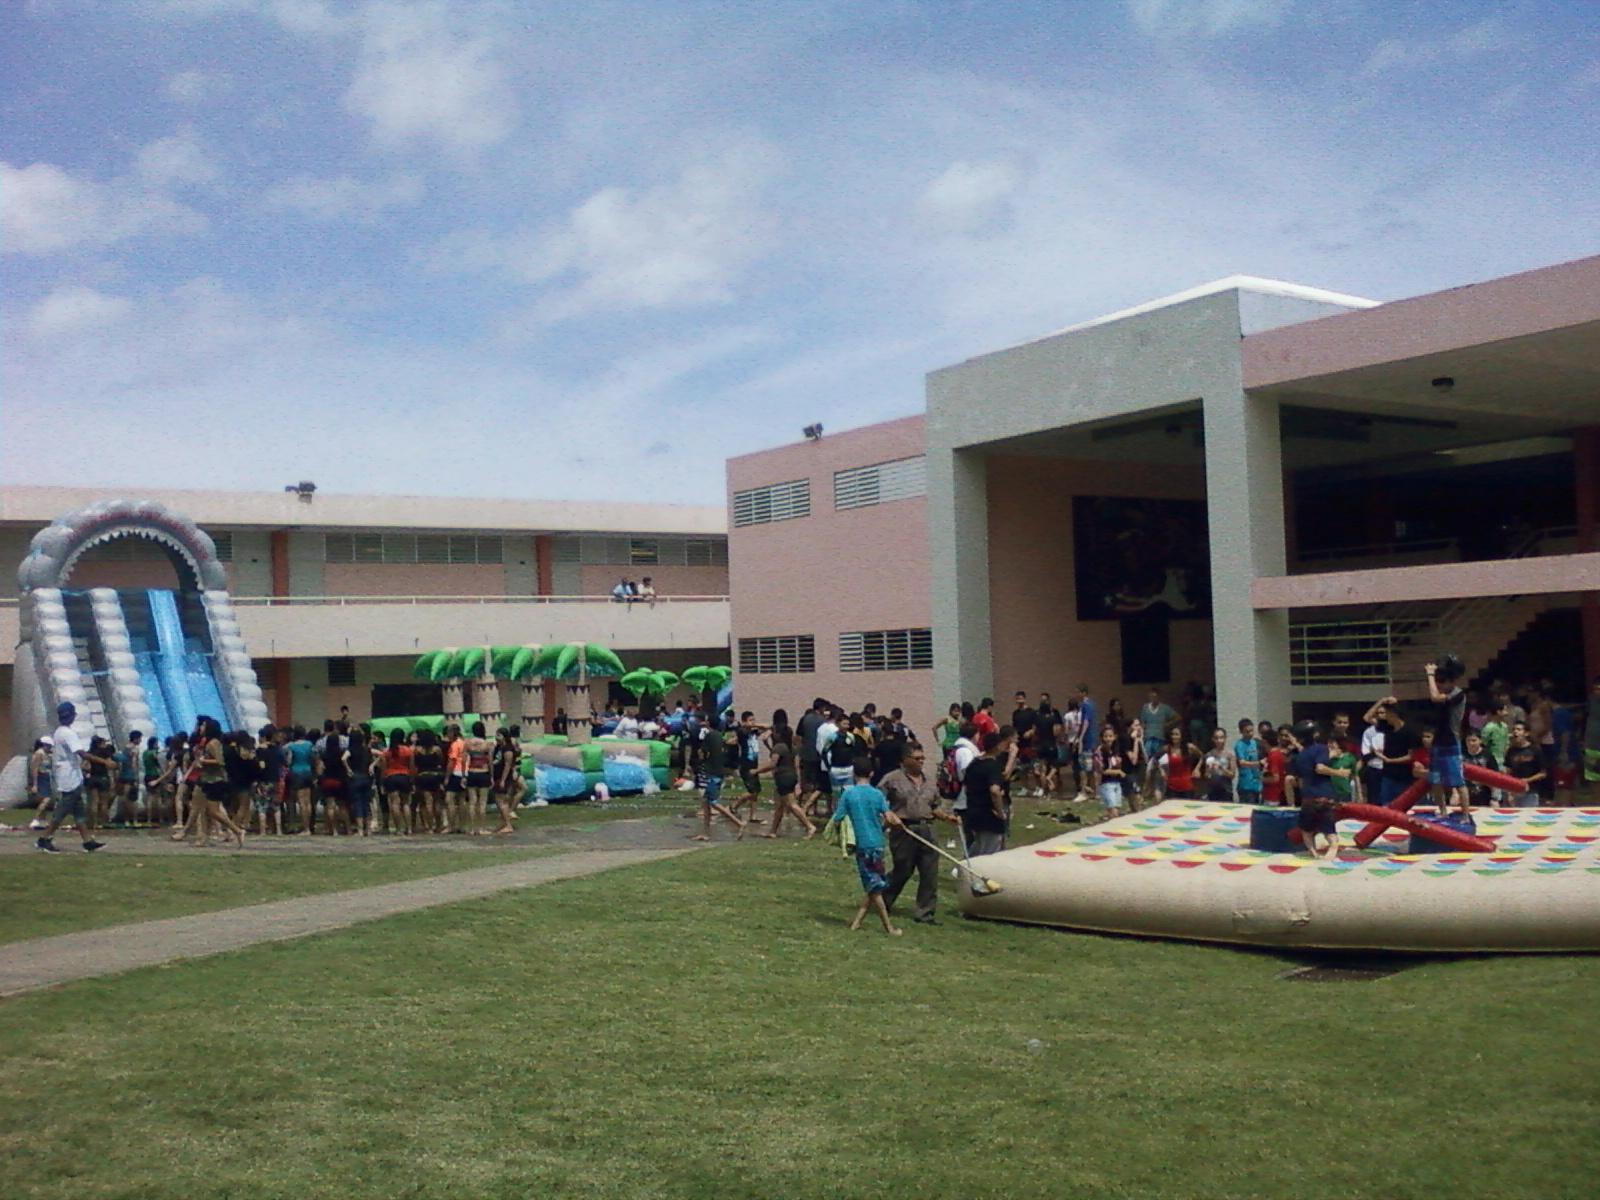 Escuela intermedia profa juana rosario aguada puerto rico mayo 2012 - Jm puerto del rosario ...